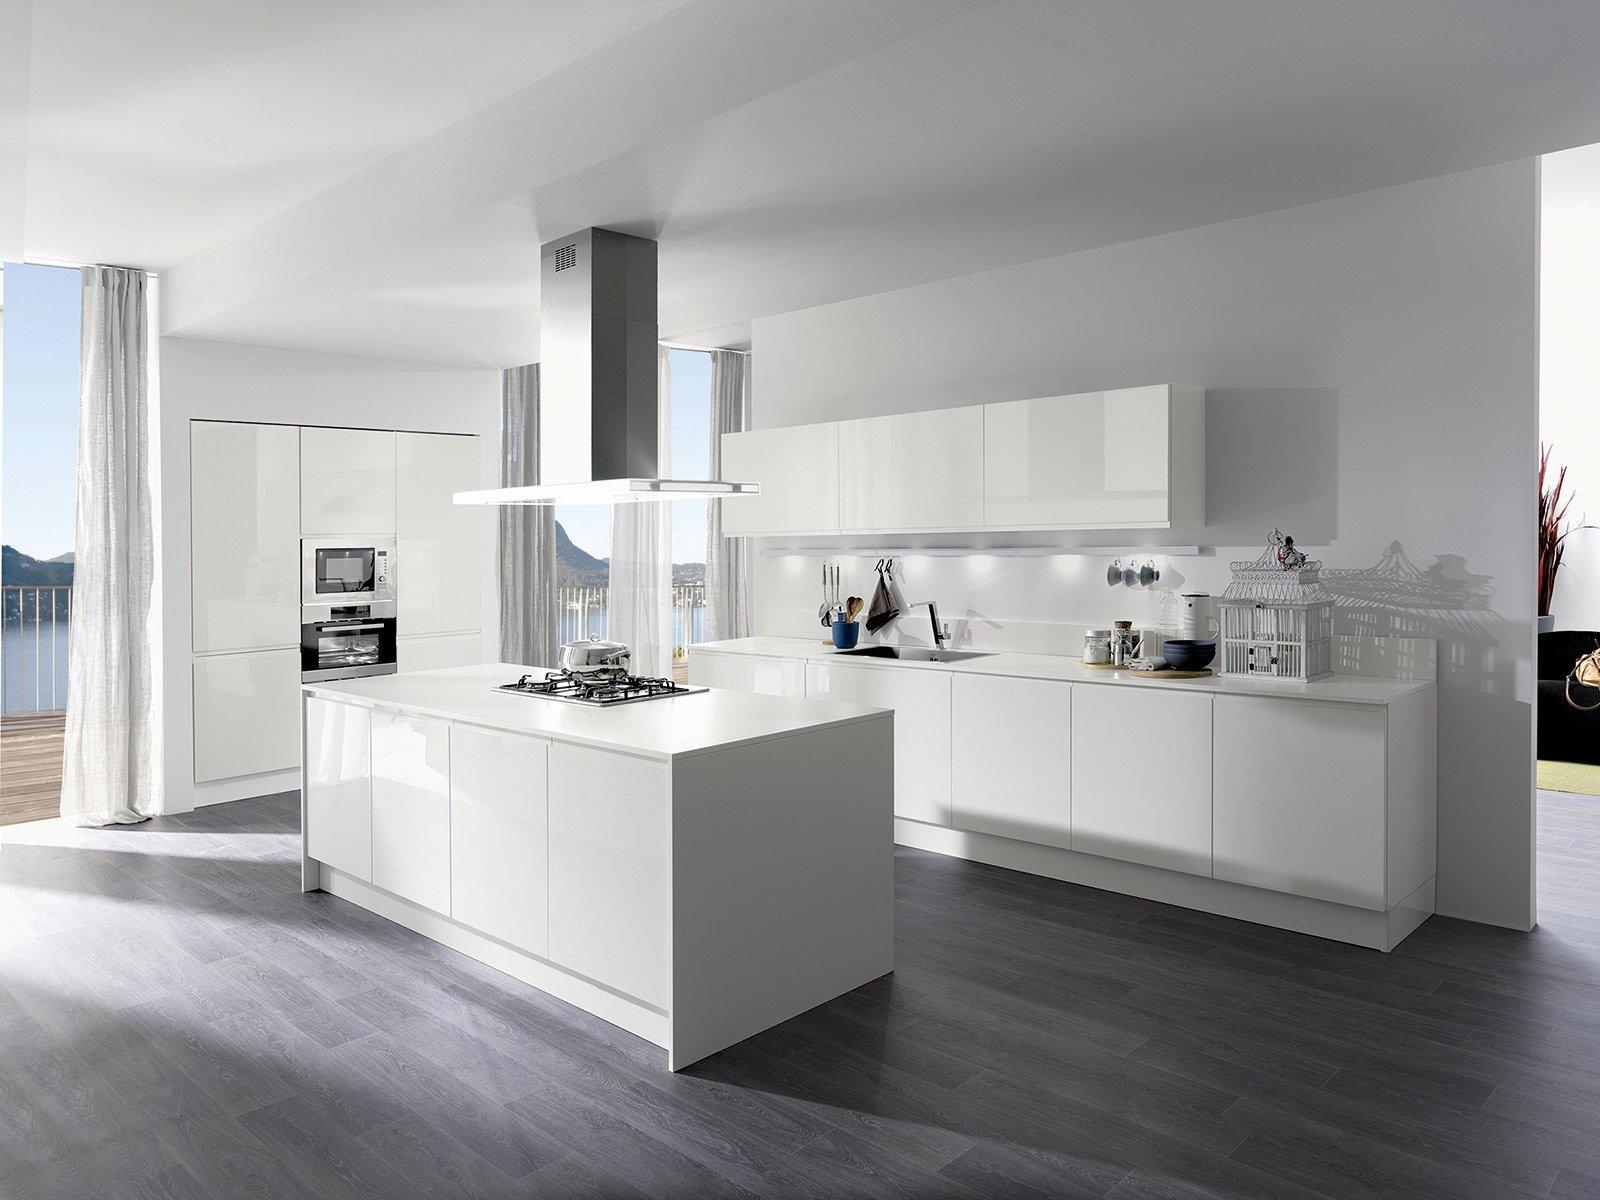 Cucina la voglio tutta bianca cose di casa - Cucina senza piastrelle ...